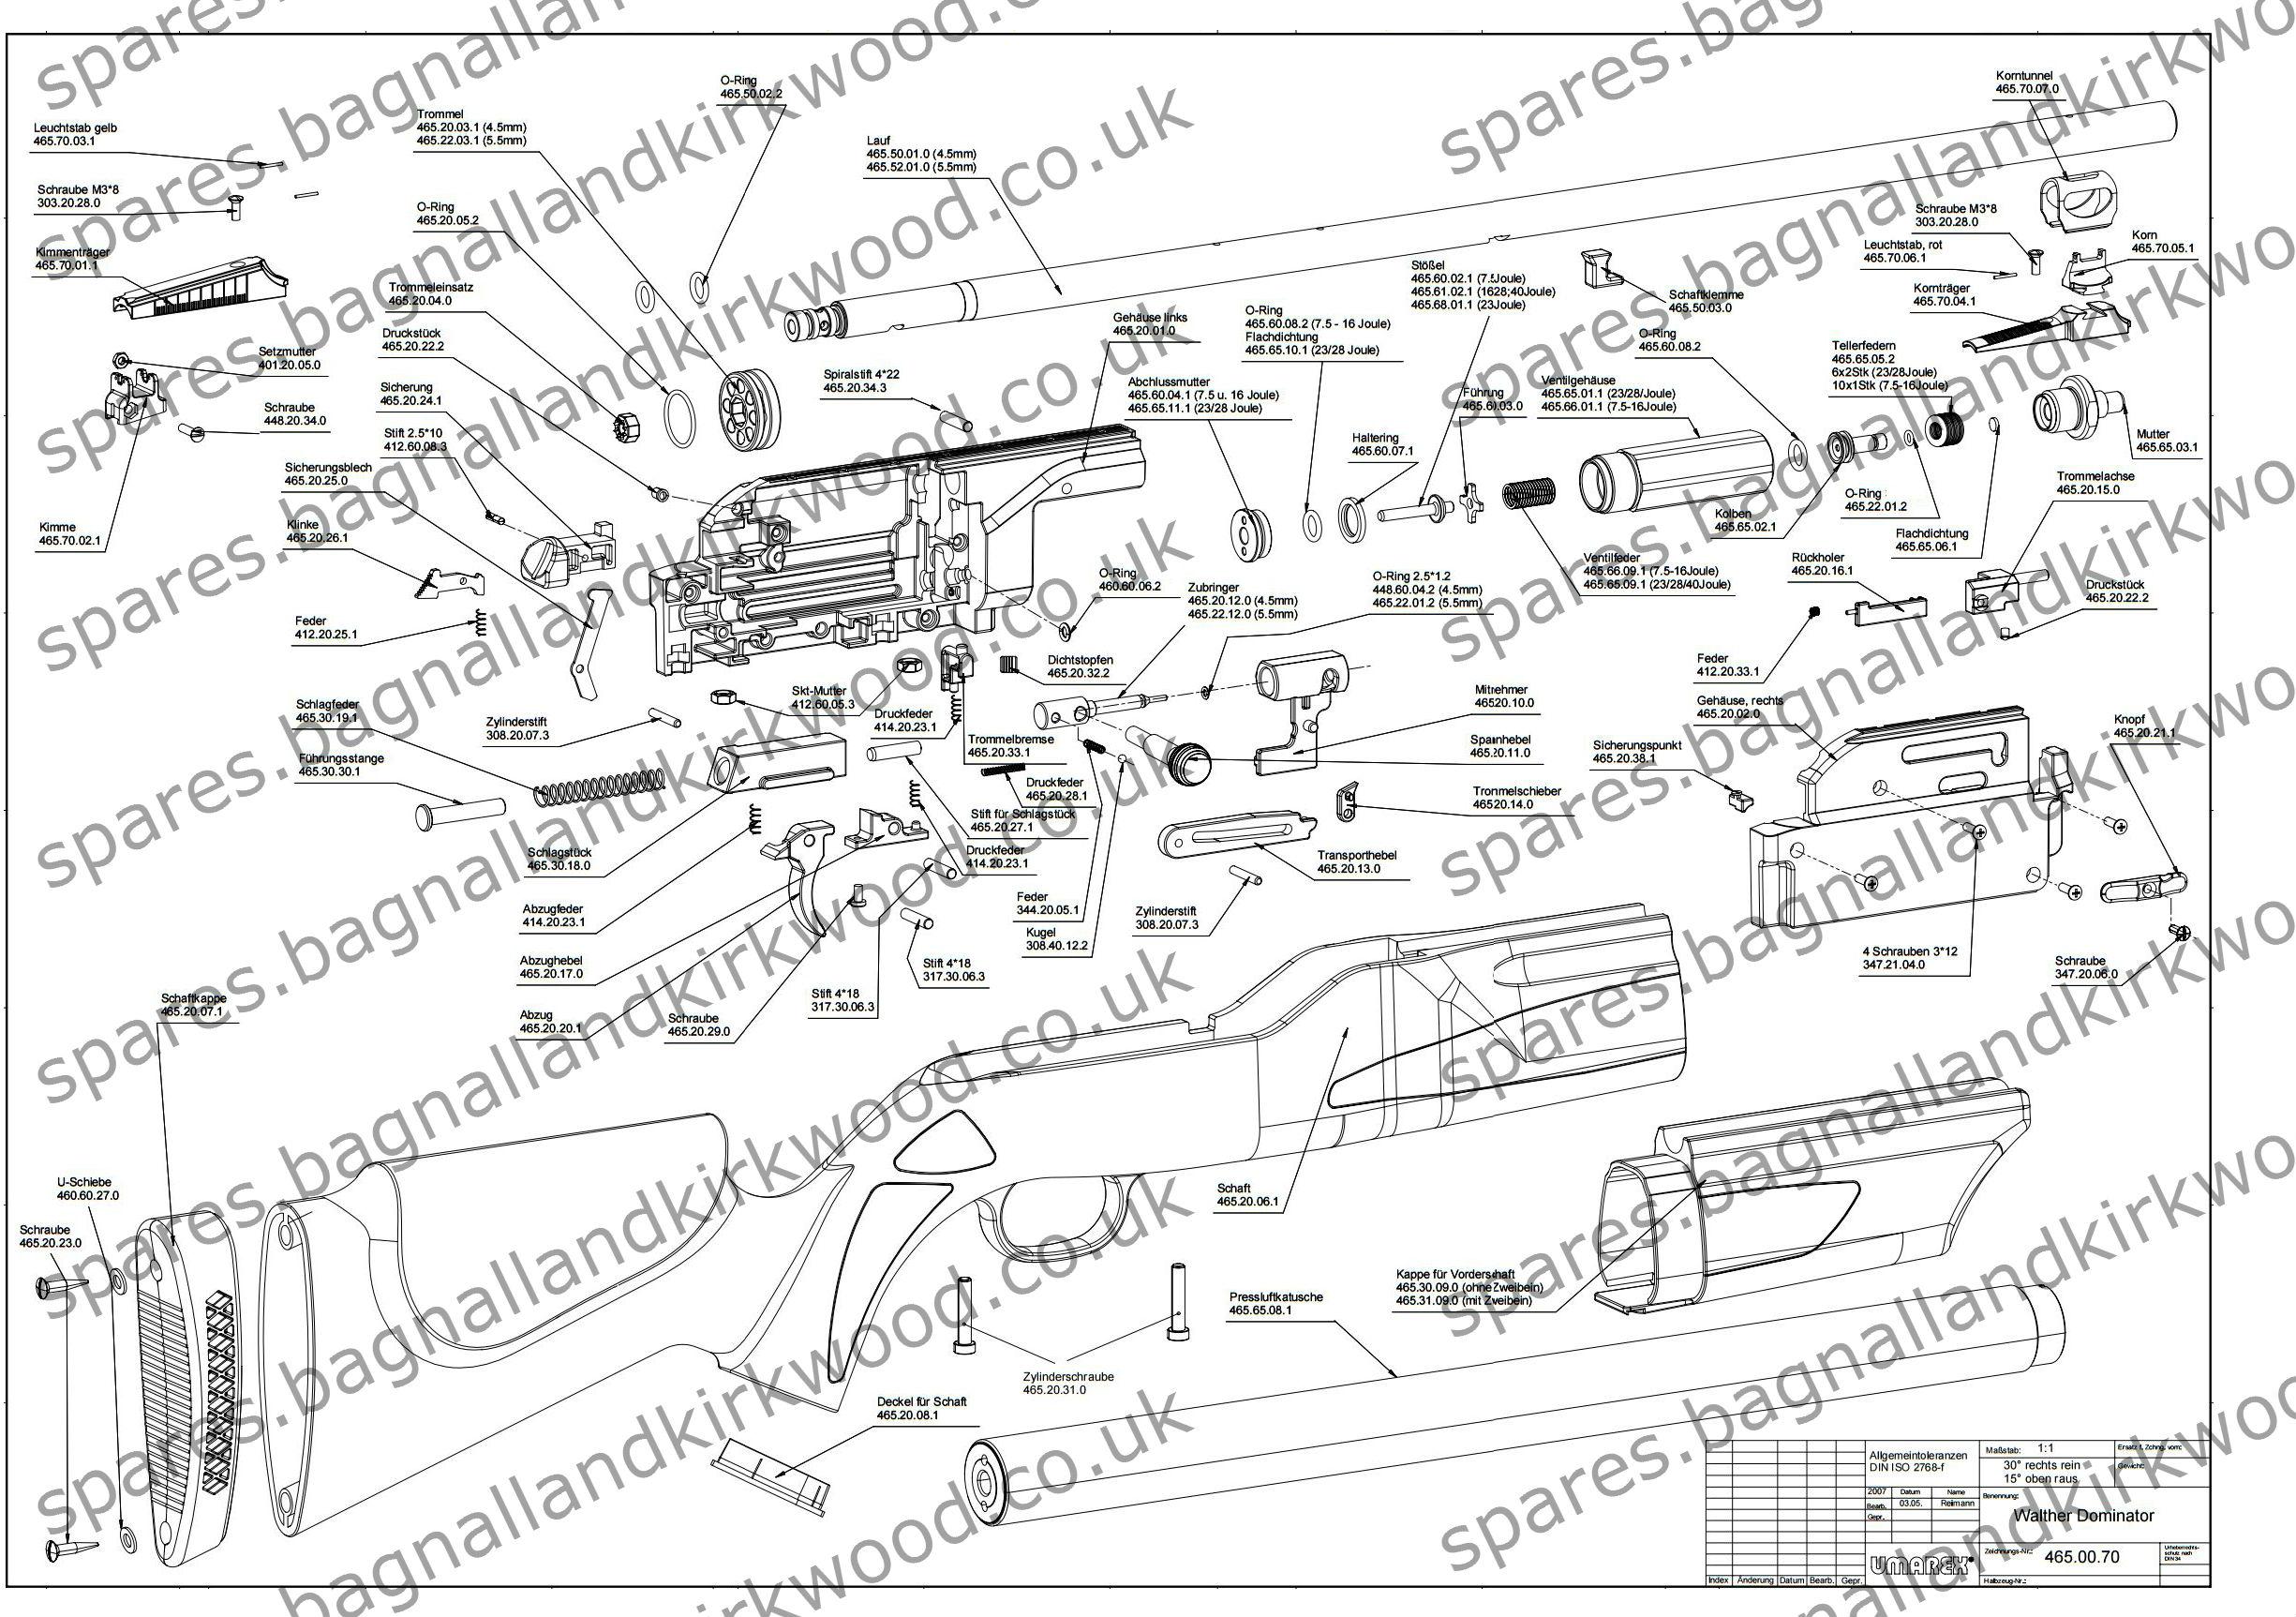 umarex spare parts uk